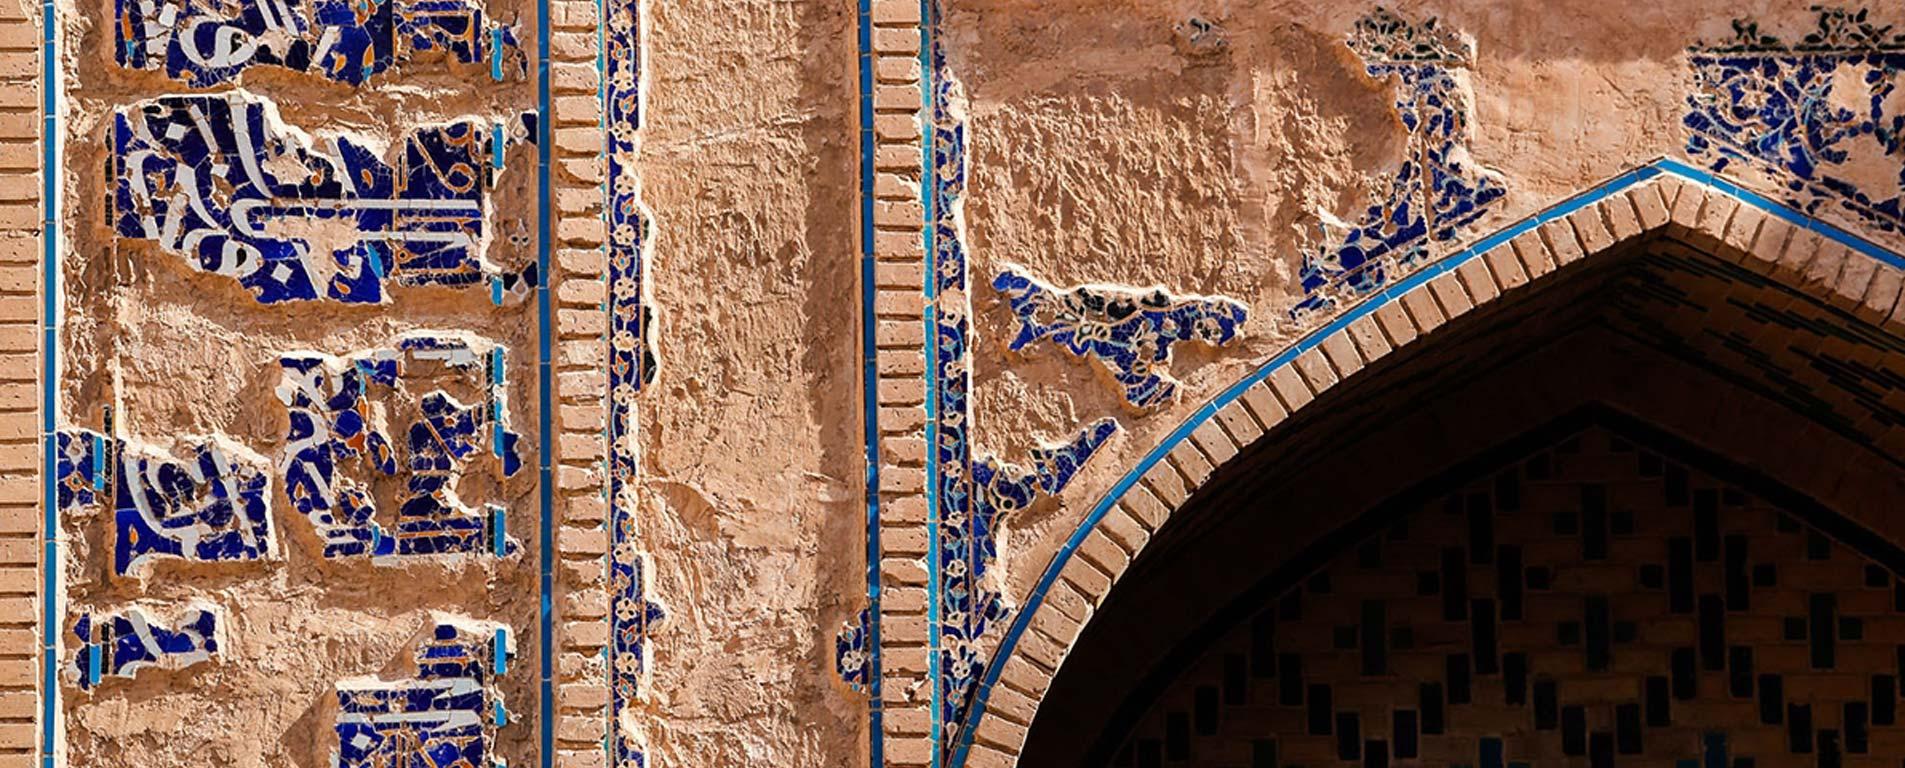 مدرسه غیاثیه خرگرد ، شکوه معماری اسلامی